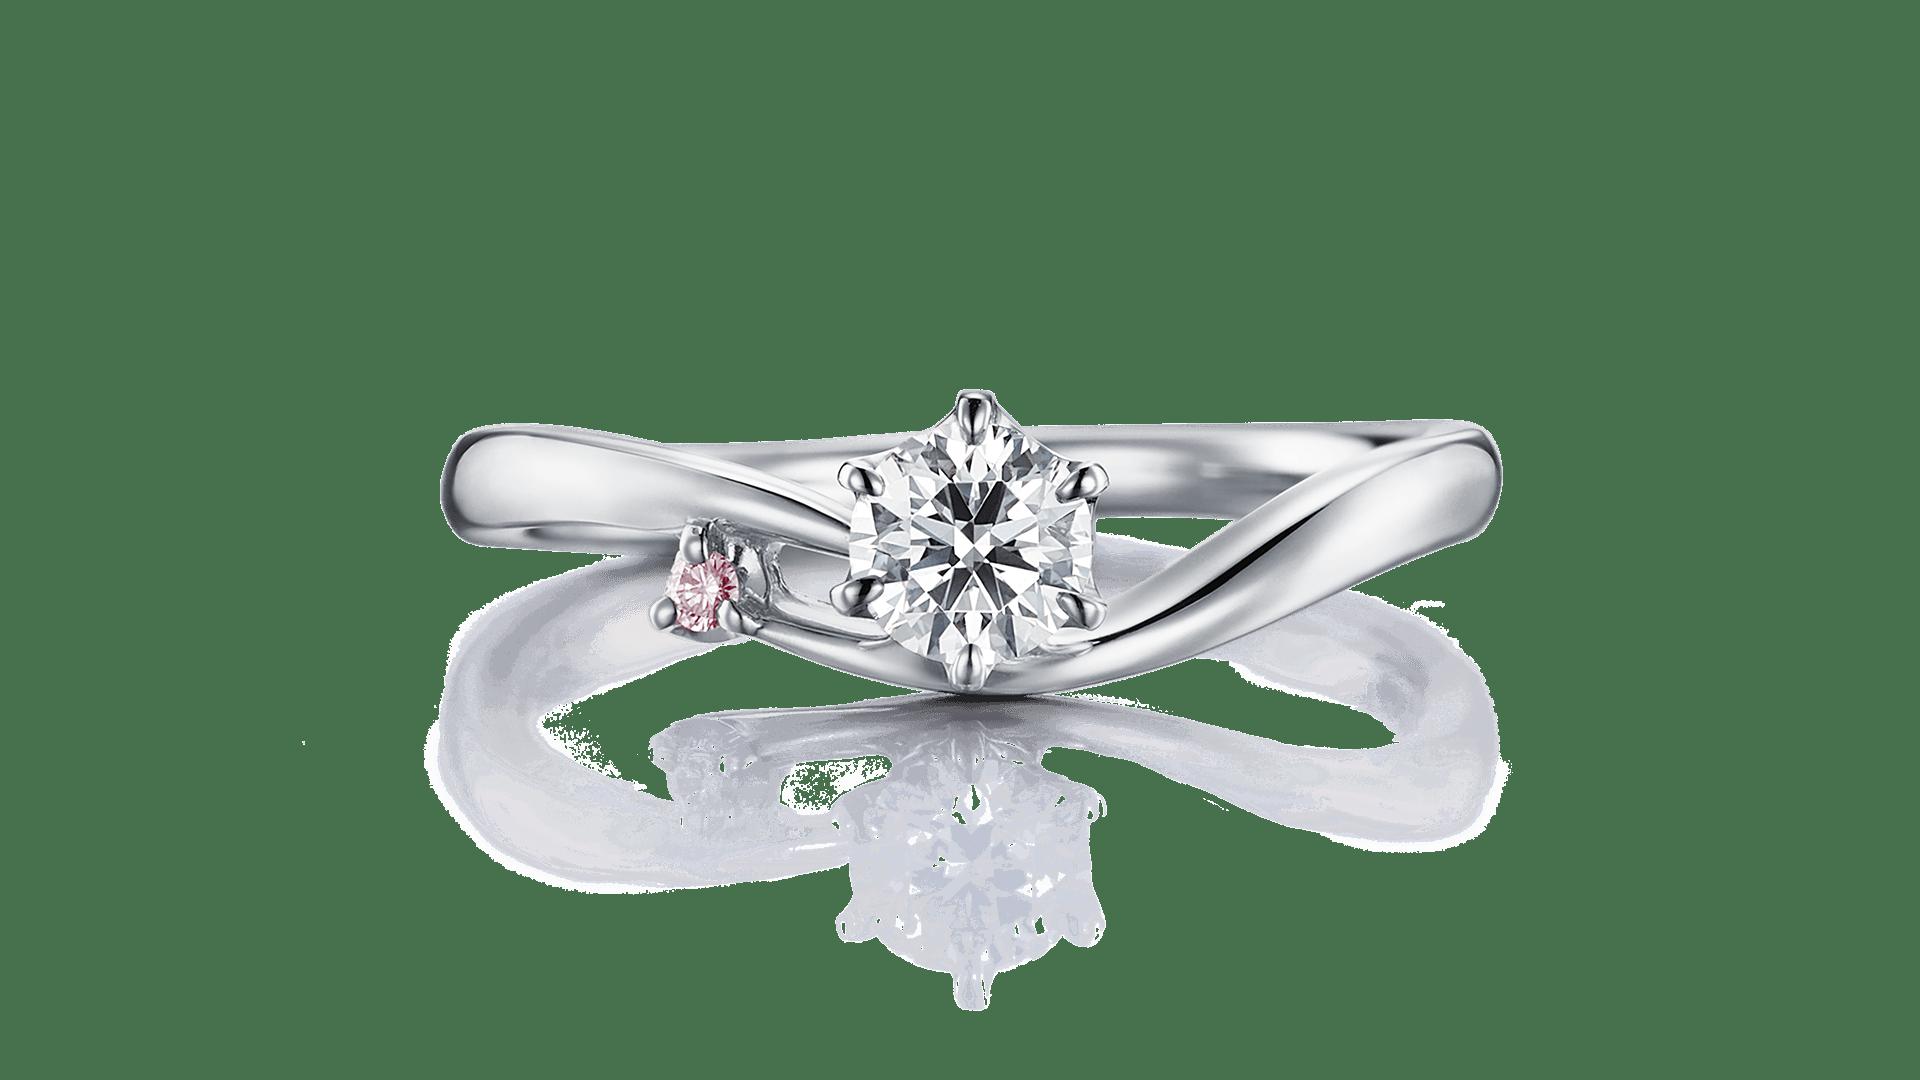 spica スピカ | 婚約指輪サムネイル 1